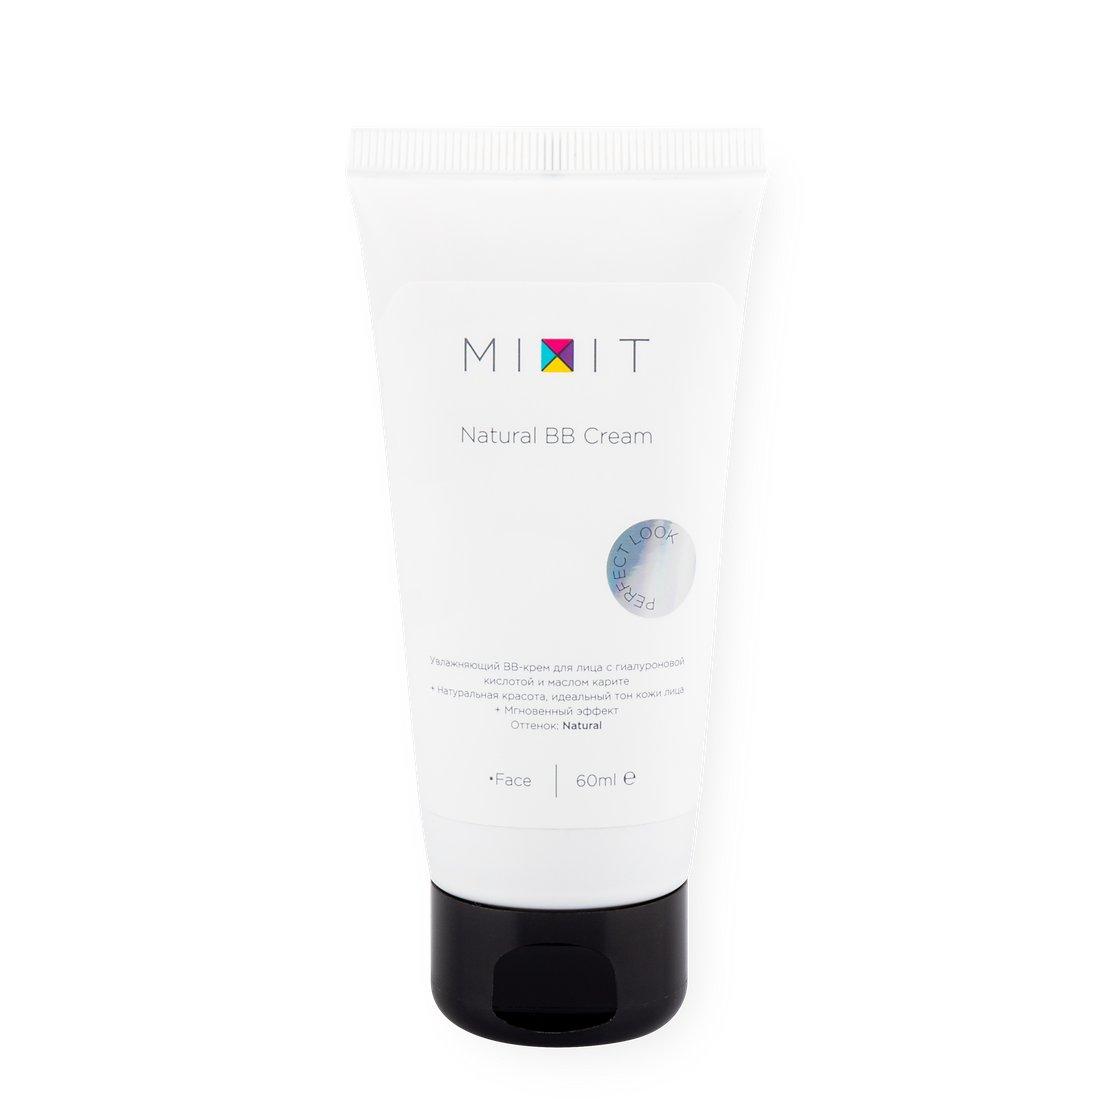 Тонирующий, глубоко увлажняющий, защищающий кожу от внешних воздействий и выравнивающий рельеф кожи BB-крем с маслом Ши, макадамского ореха и витамином Е Natural BB Cream фото